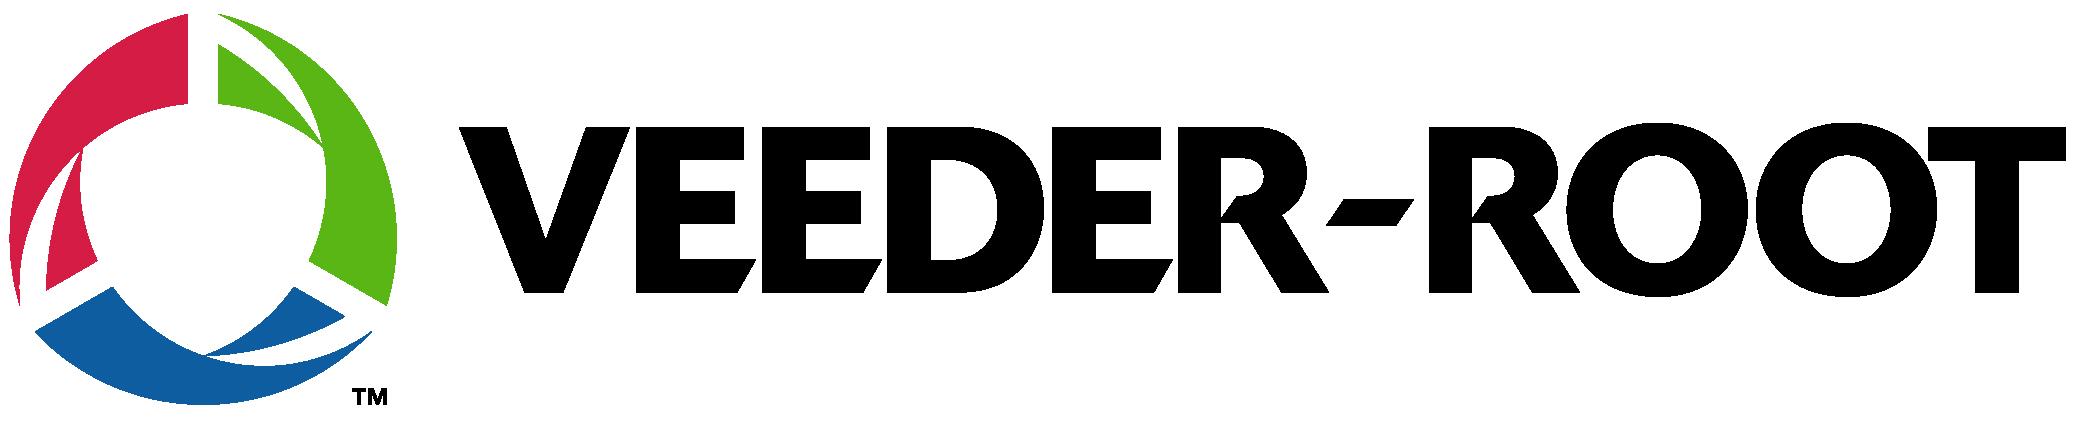 Veeder-Root logo